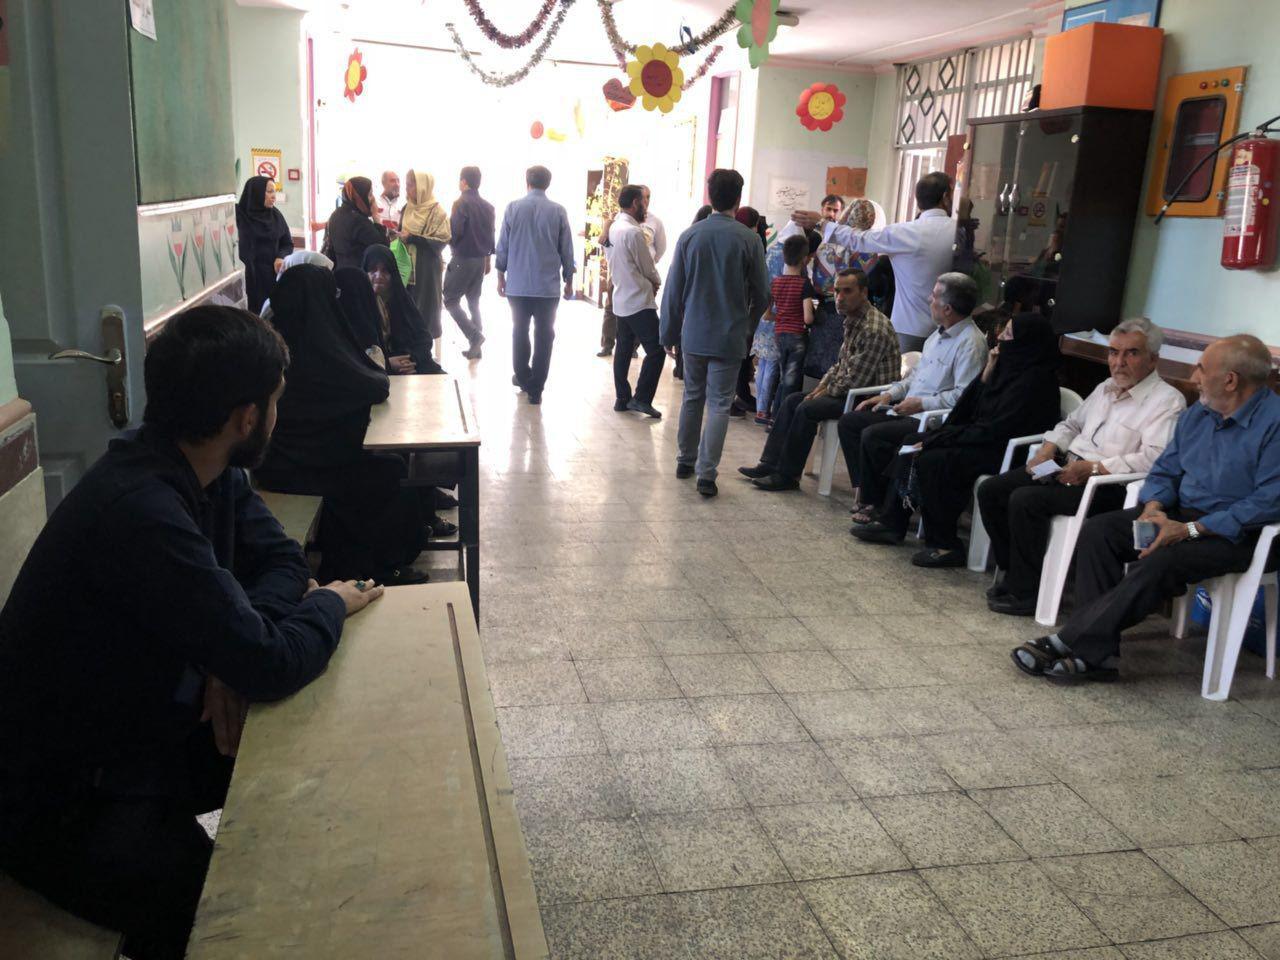 ویزیت رایگان؛ آتش به اختیاری جوانان بسیجی جنوب تهران